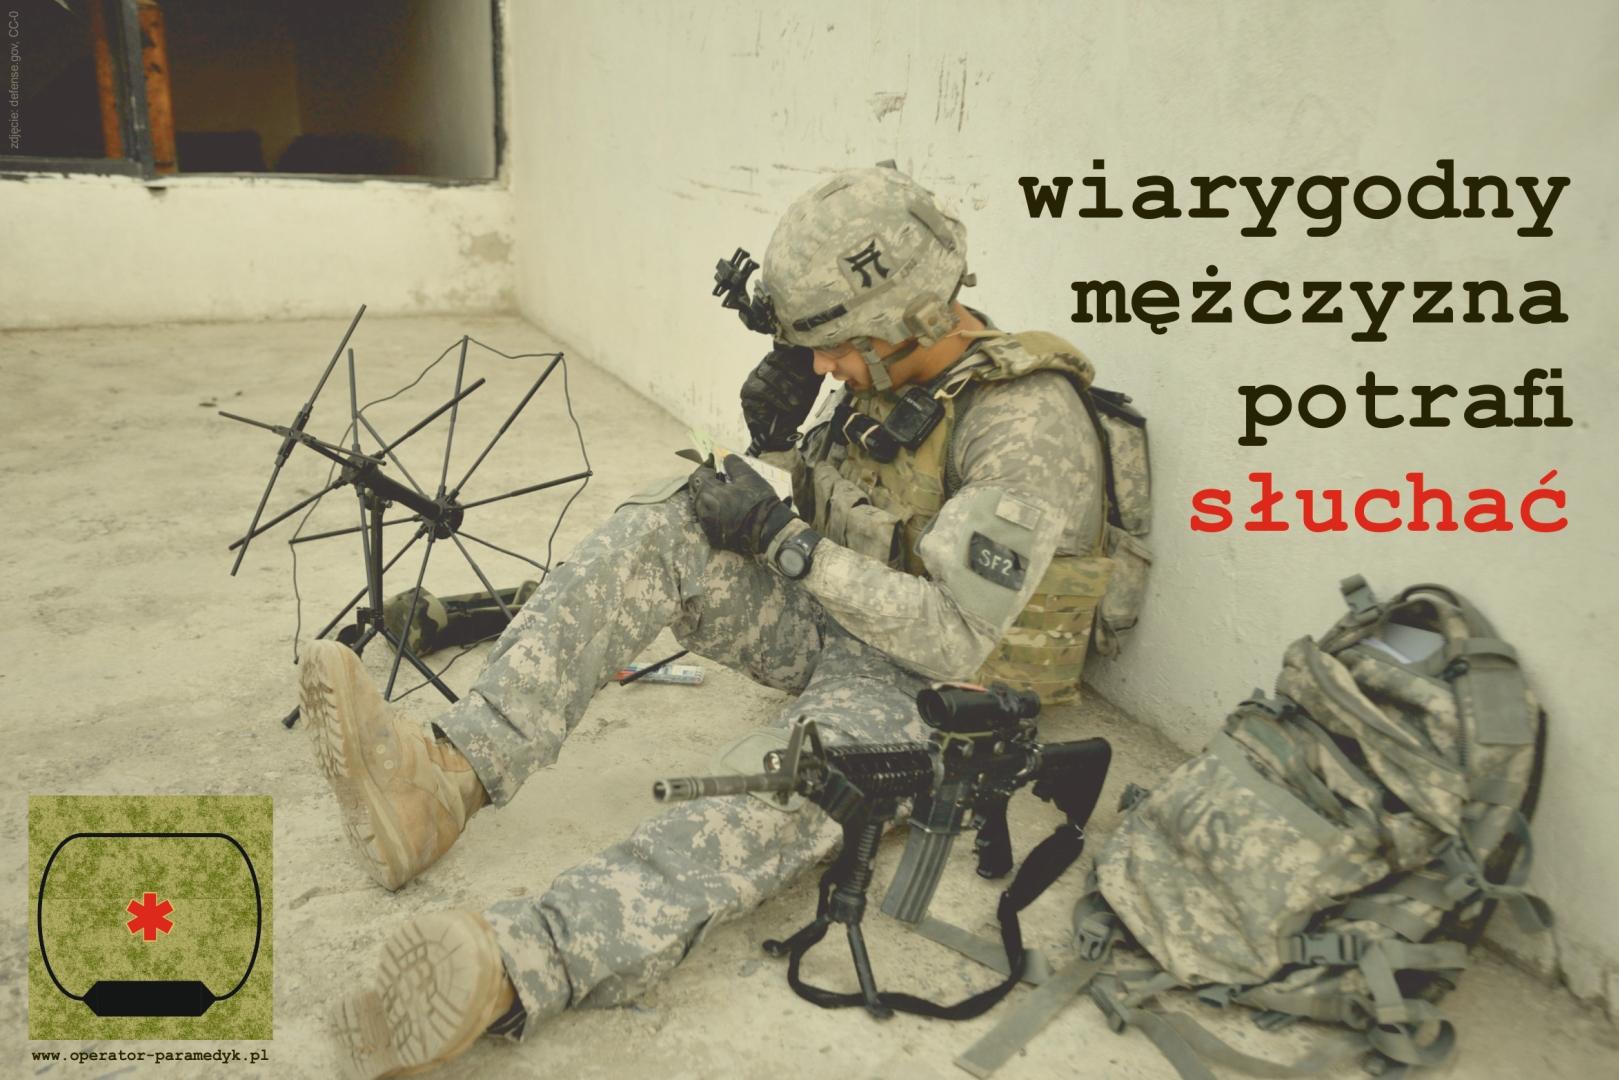 zdjęcie: defense.gov, CC-0